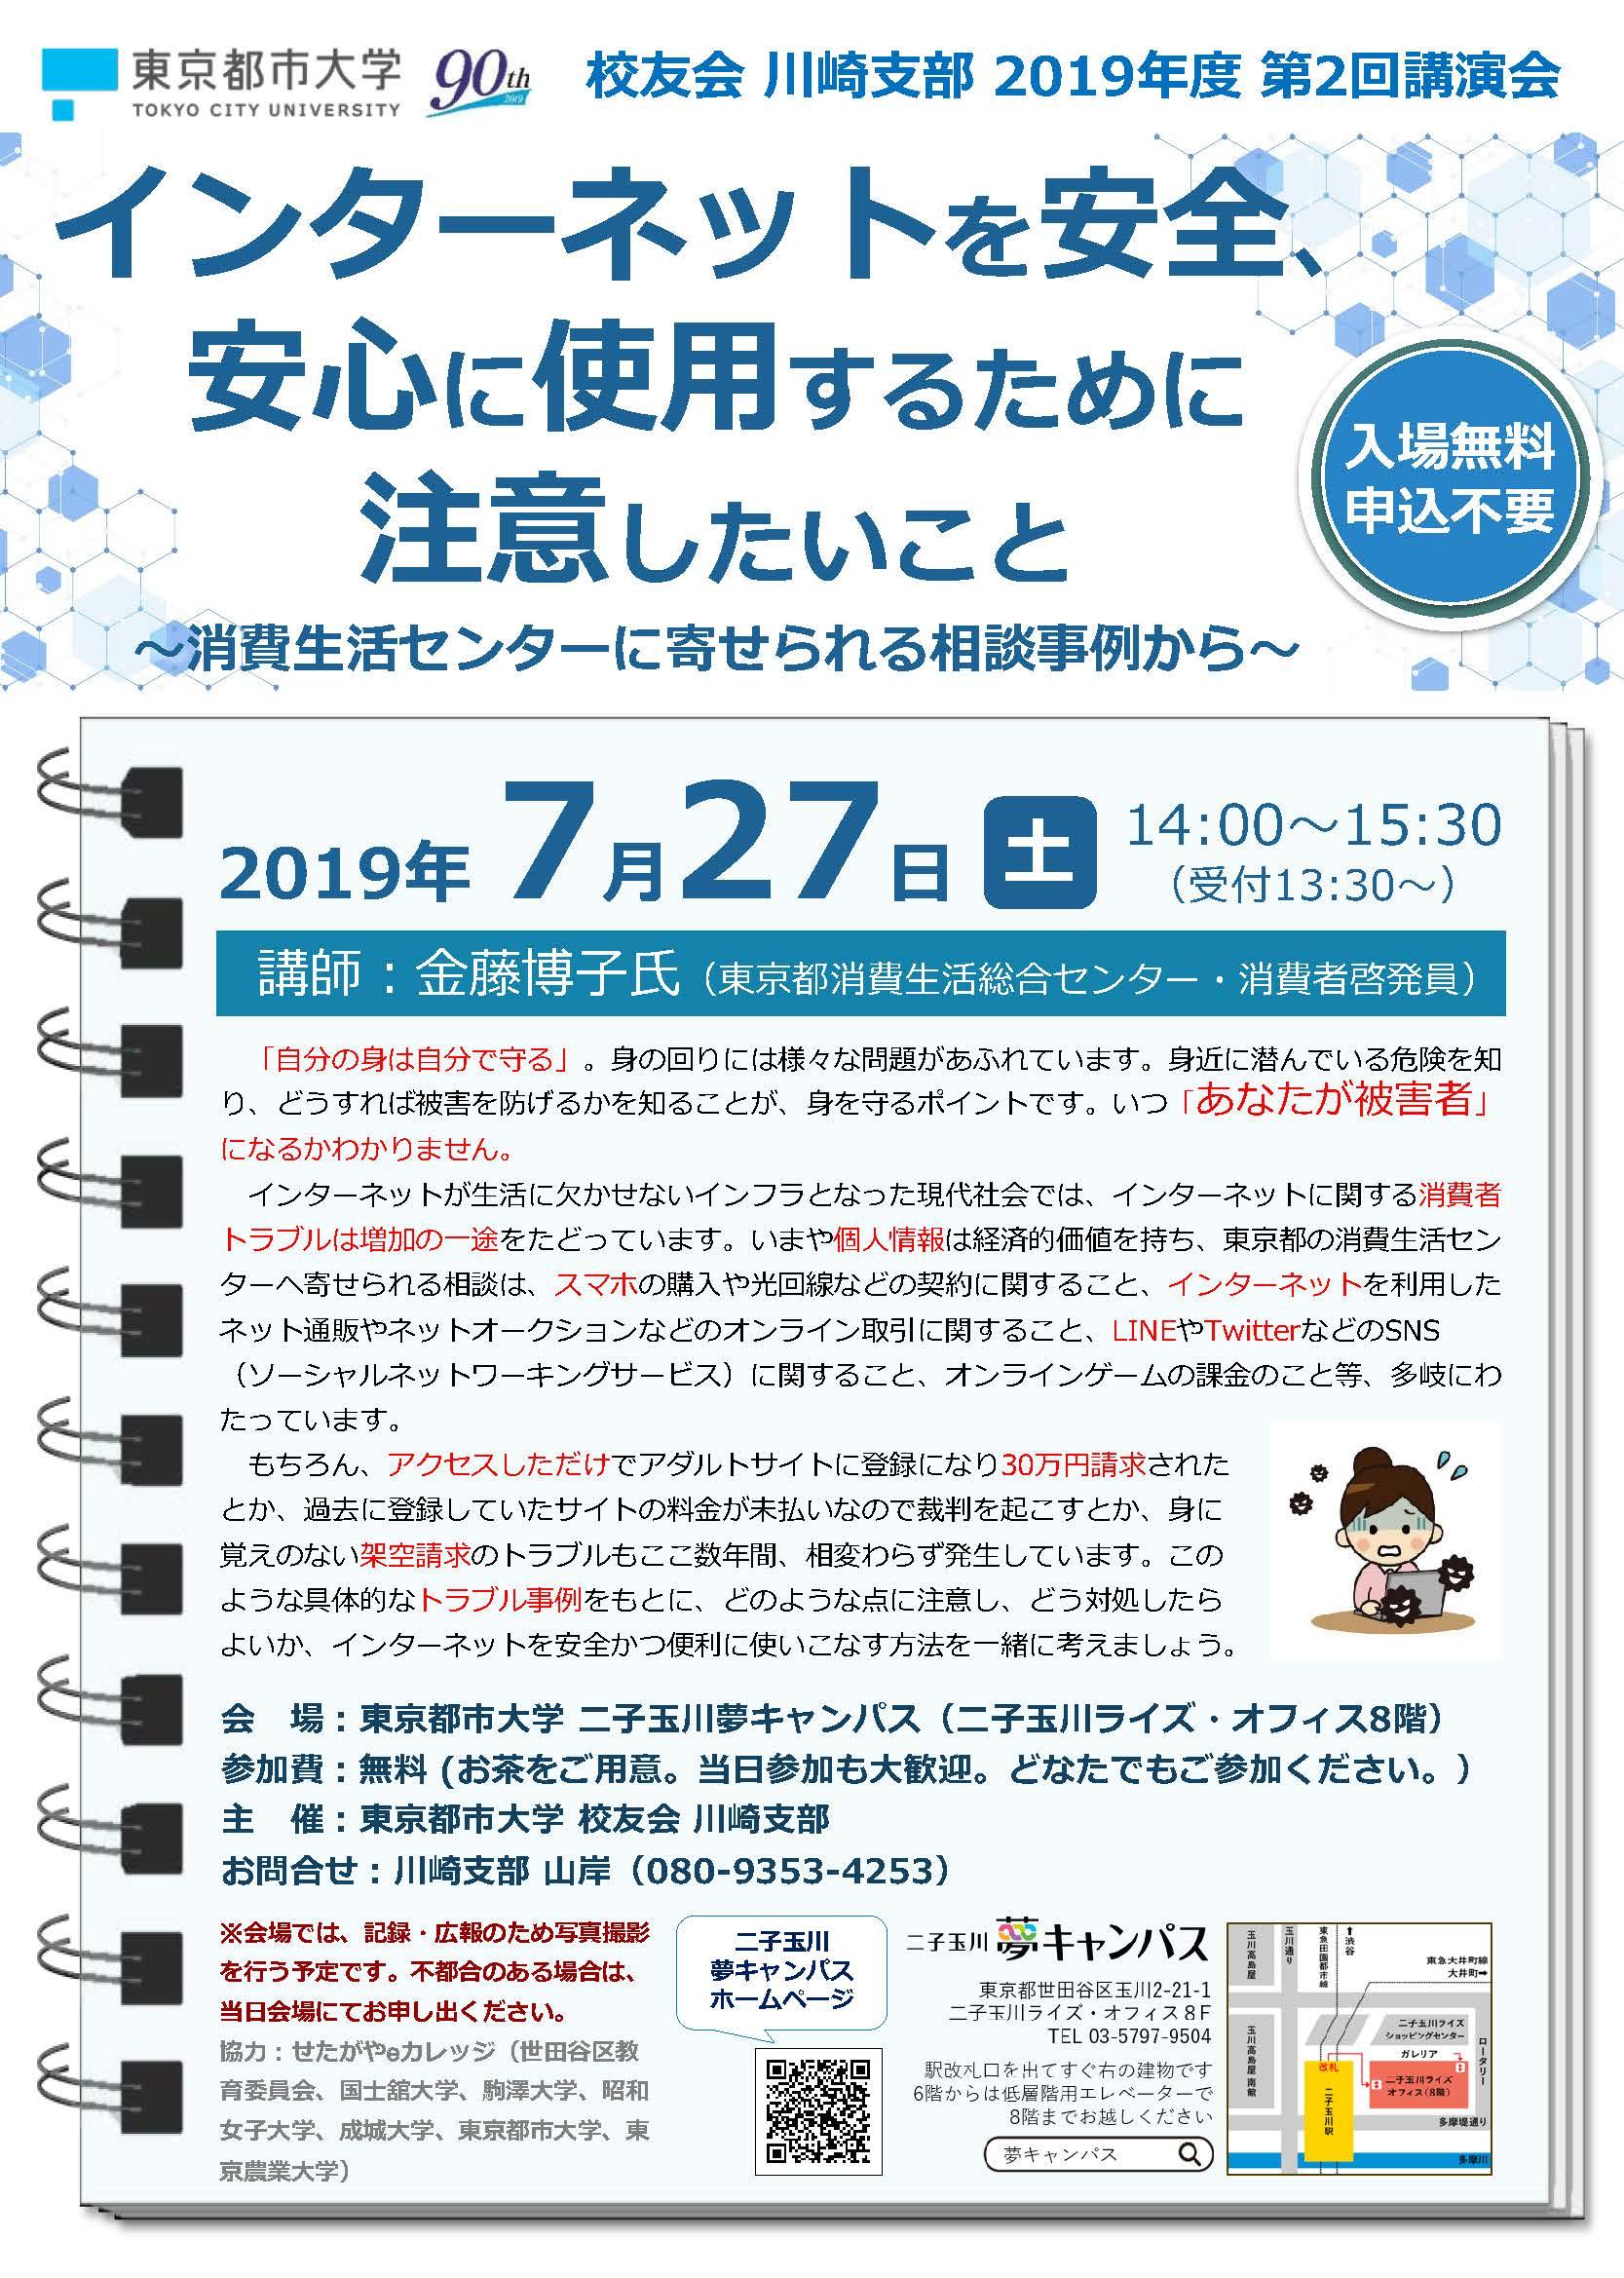 東京都市大学 校友会 川崎支部 定例講演会             「インターネットを安全、 安心に使用するために注意したいこと」